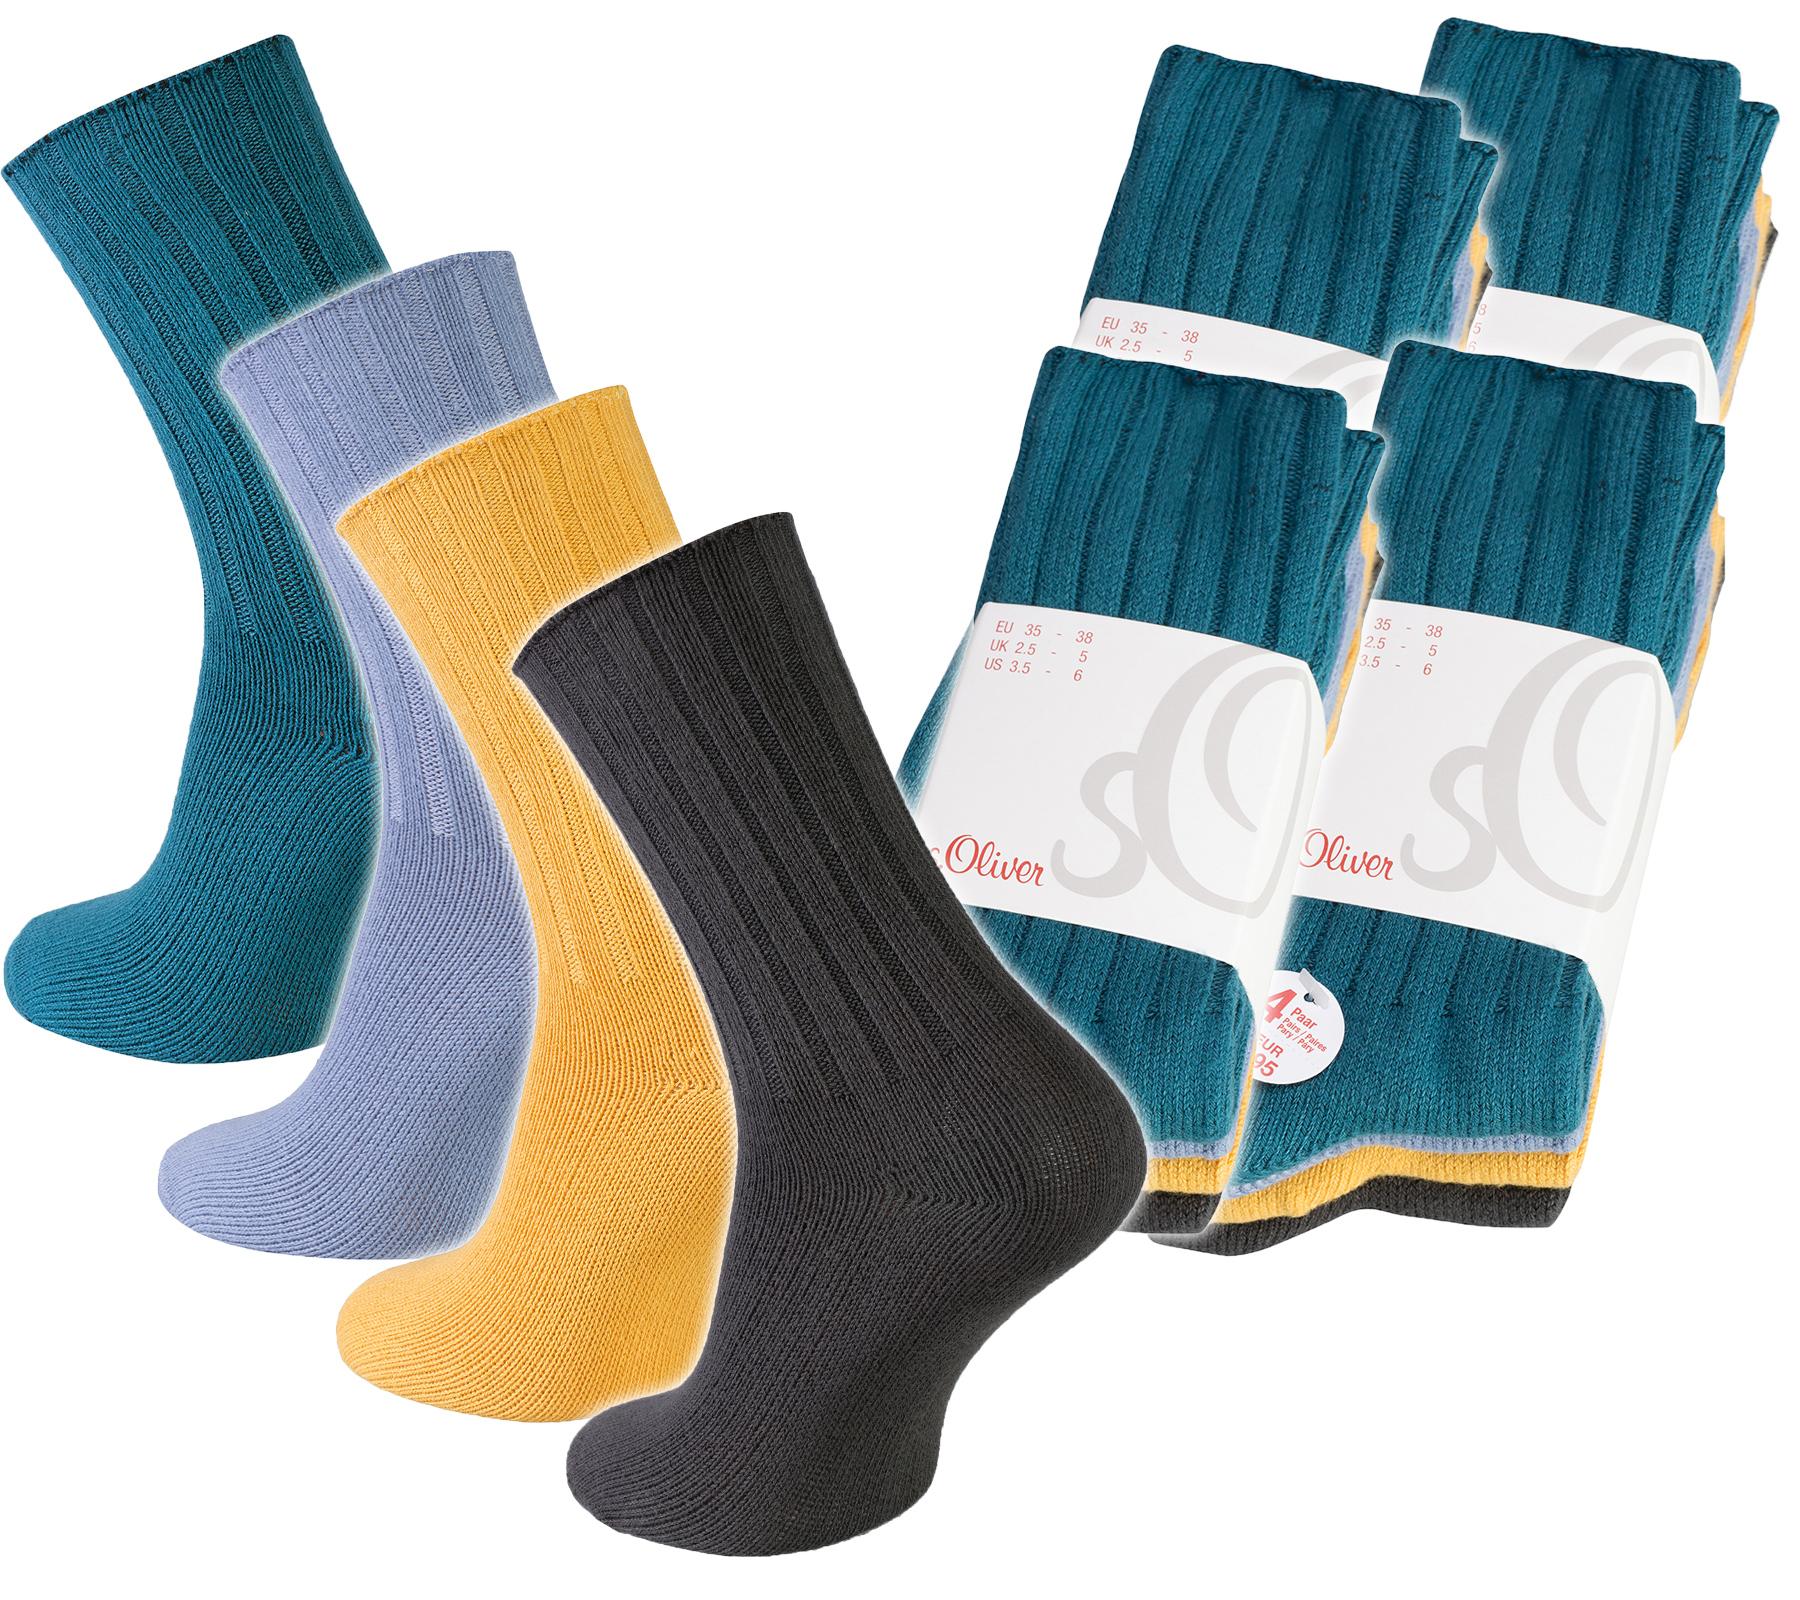 16er Pack Damensocken von S.Oliver mit viel Baumwolle für 7,99€ statt 47,99€ @Outlet46